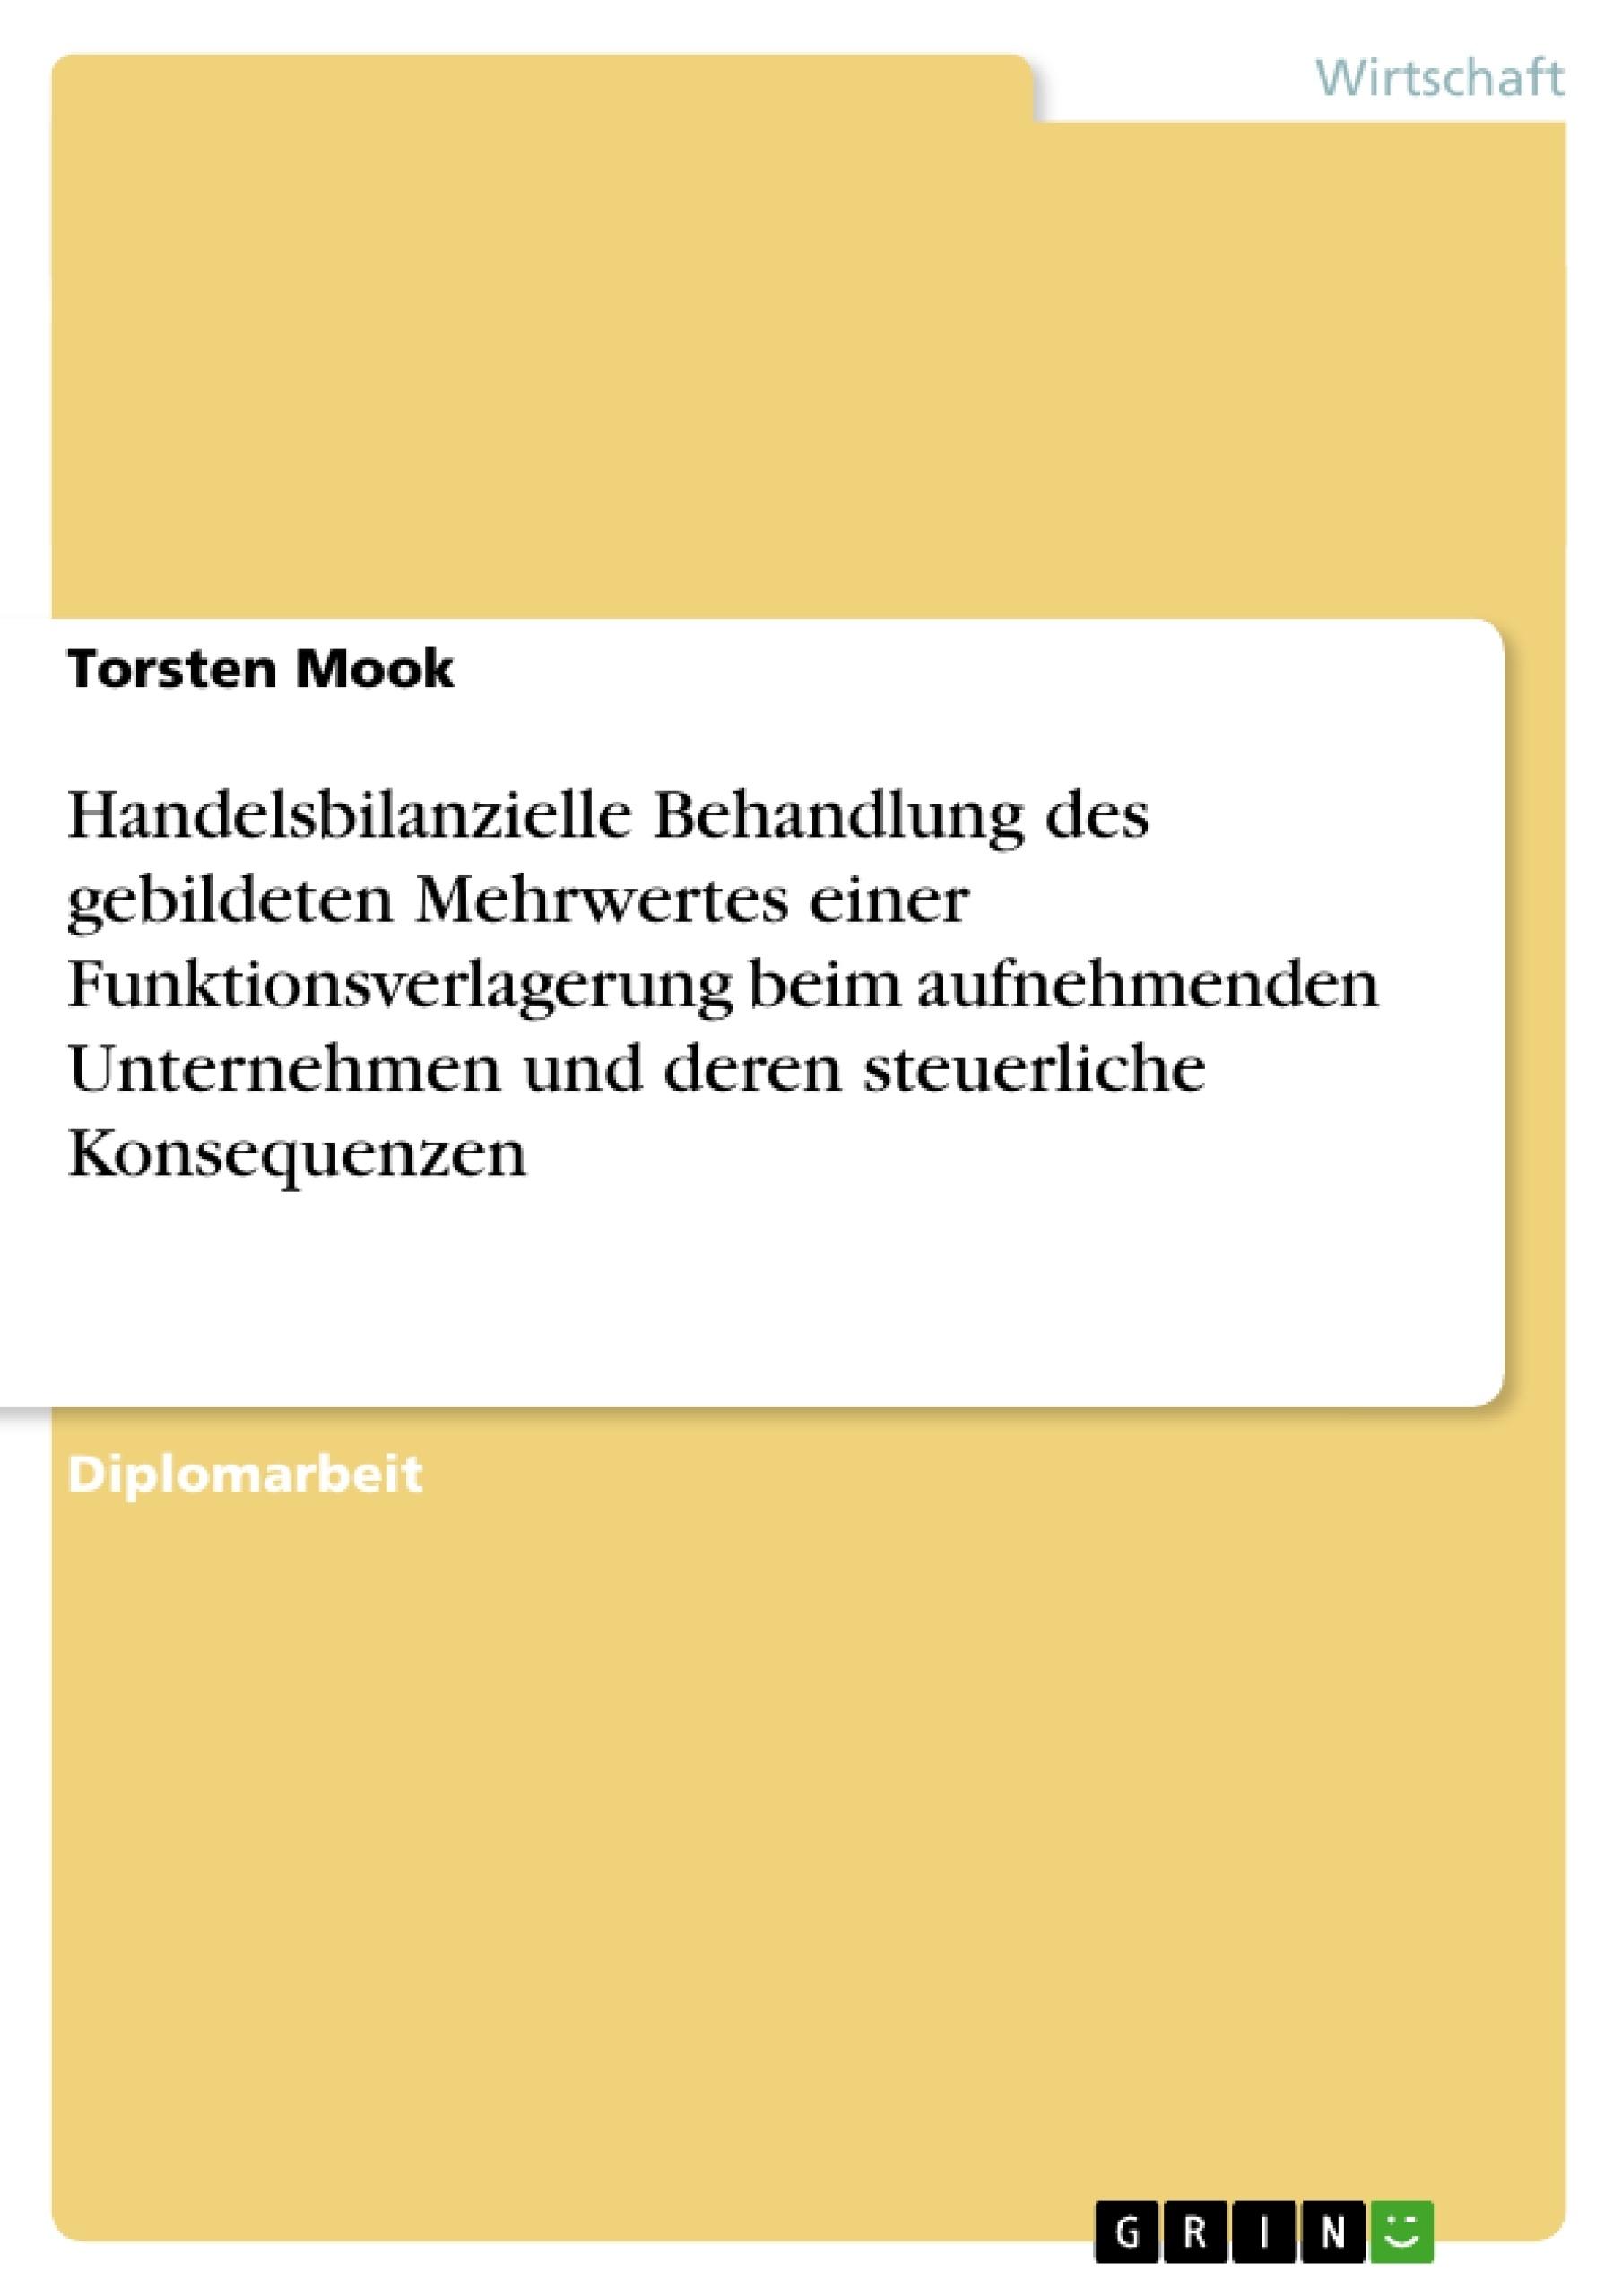 Titel: Handelsbilanzielle Behandlung des gebildeten Mehrwertes einer Funktionsverlagerung beim aufnehmenden Unternehmen und deren steuerliche Konsequenzen